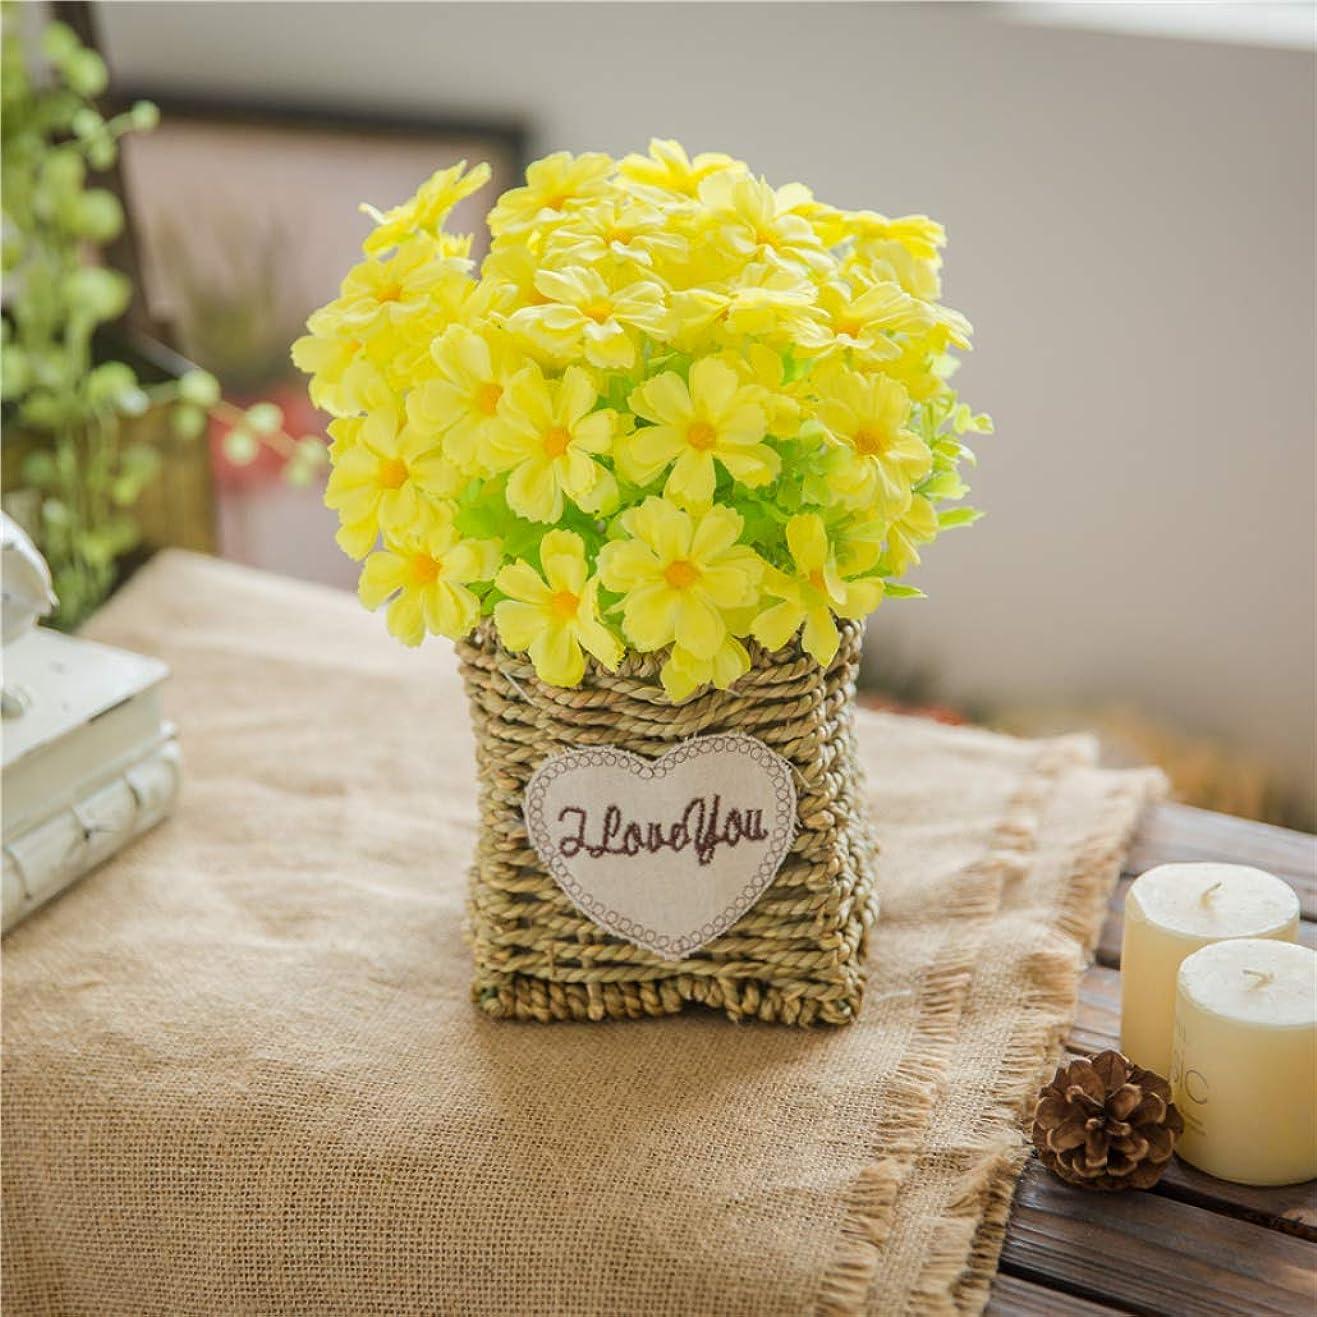 受け入れる寝具の間に造花 人工観葉植物 枯れない花 イエロー アートフラワー 花瓶付き 本物そっくり プレゼント ギフト 花束 ブーケ お祝い お返し 父の日 母の日 誕生日 結婚式 バレンタインデー 手作り 装飾 インテリア 置物